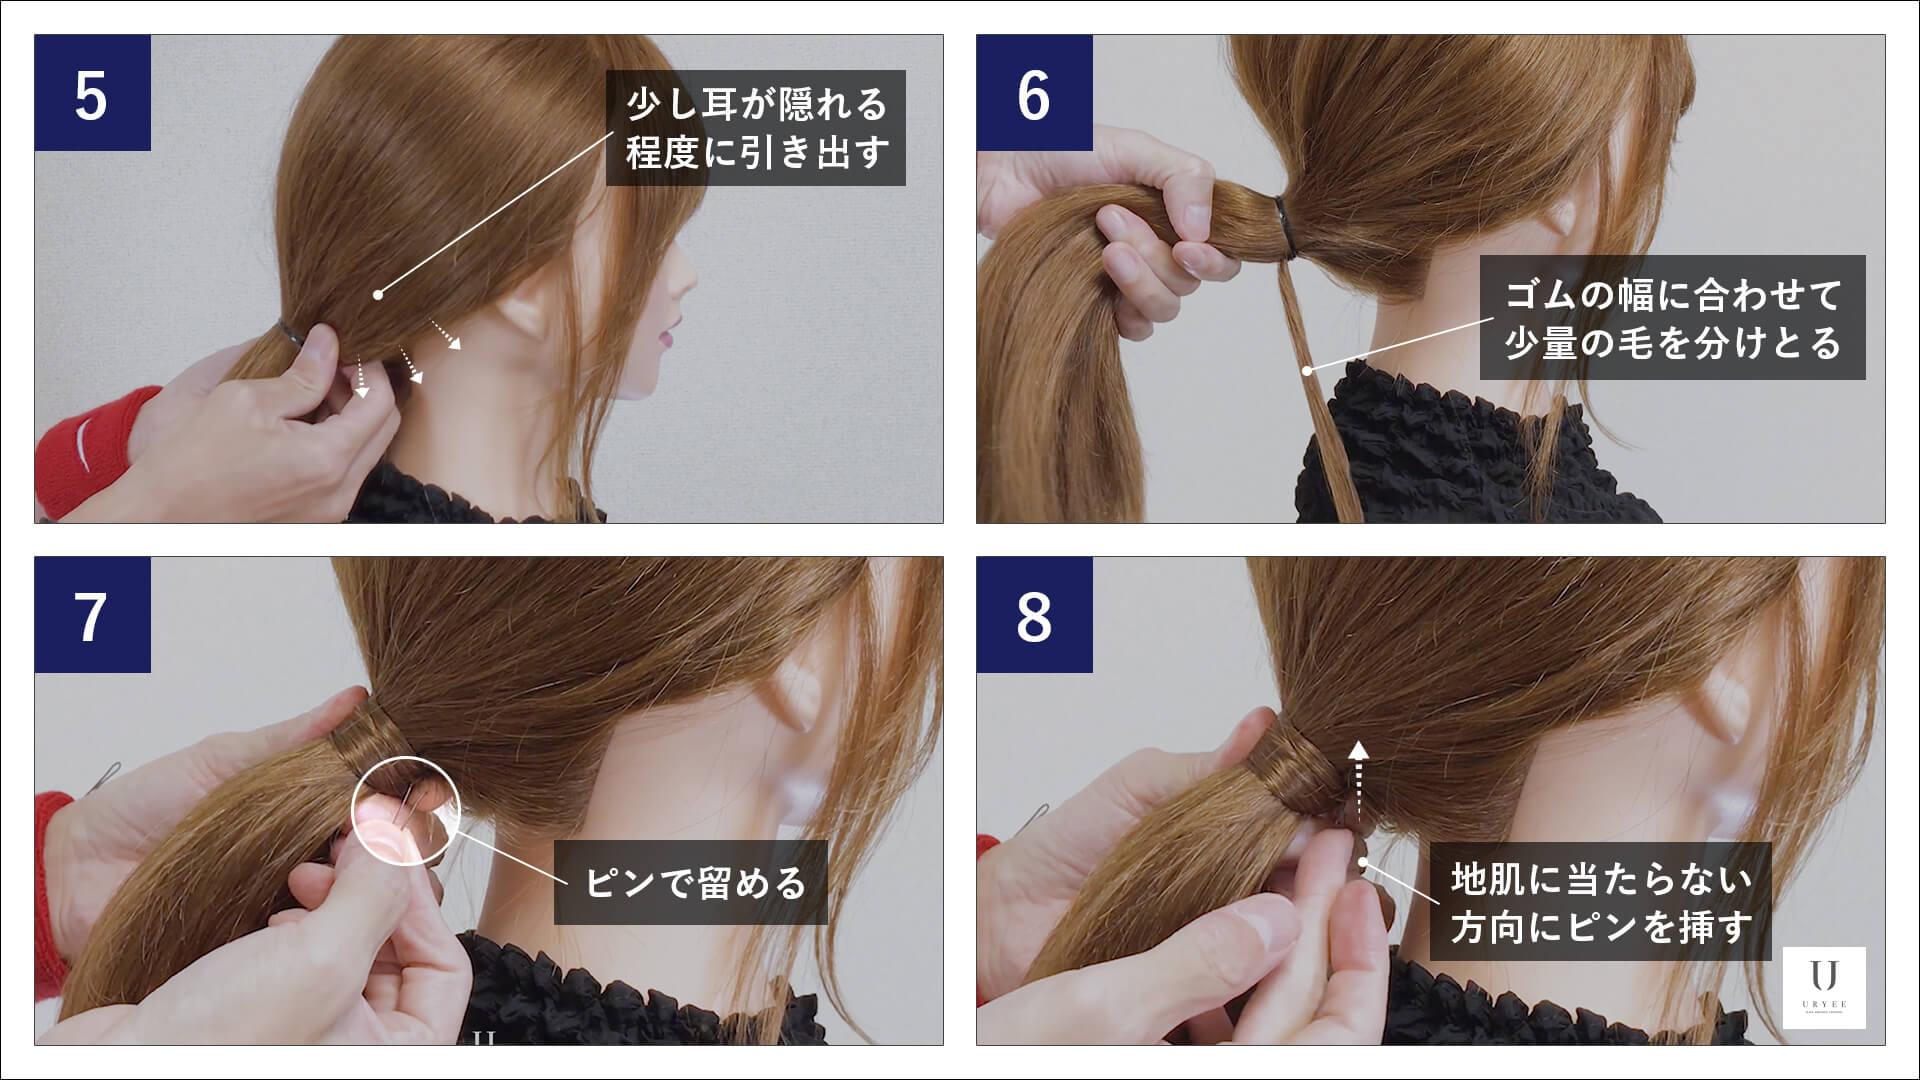 結び目のゴムを髪の毛で隠したあとのヘアピンの留め方